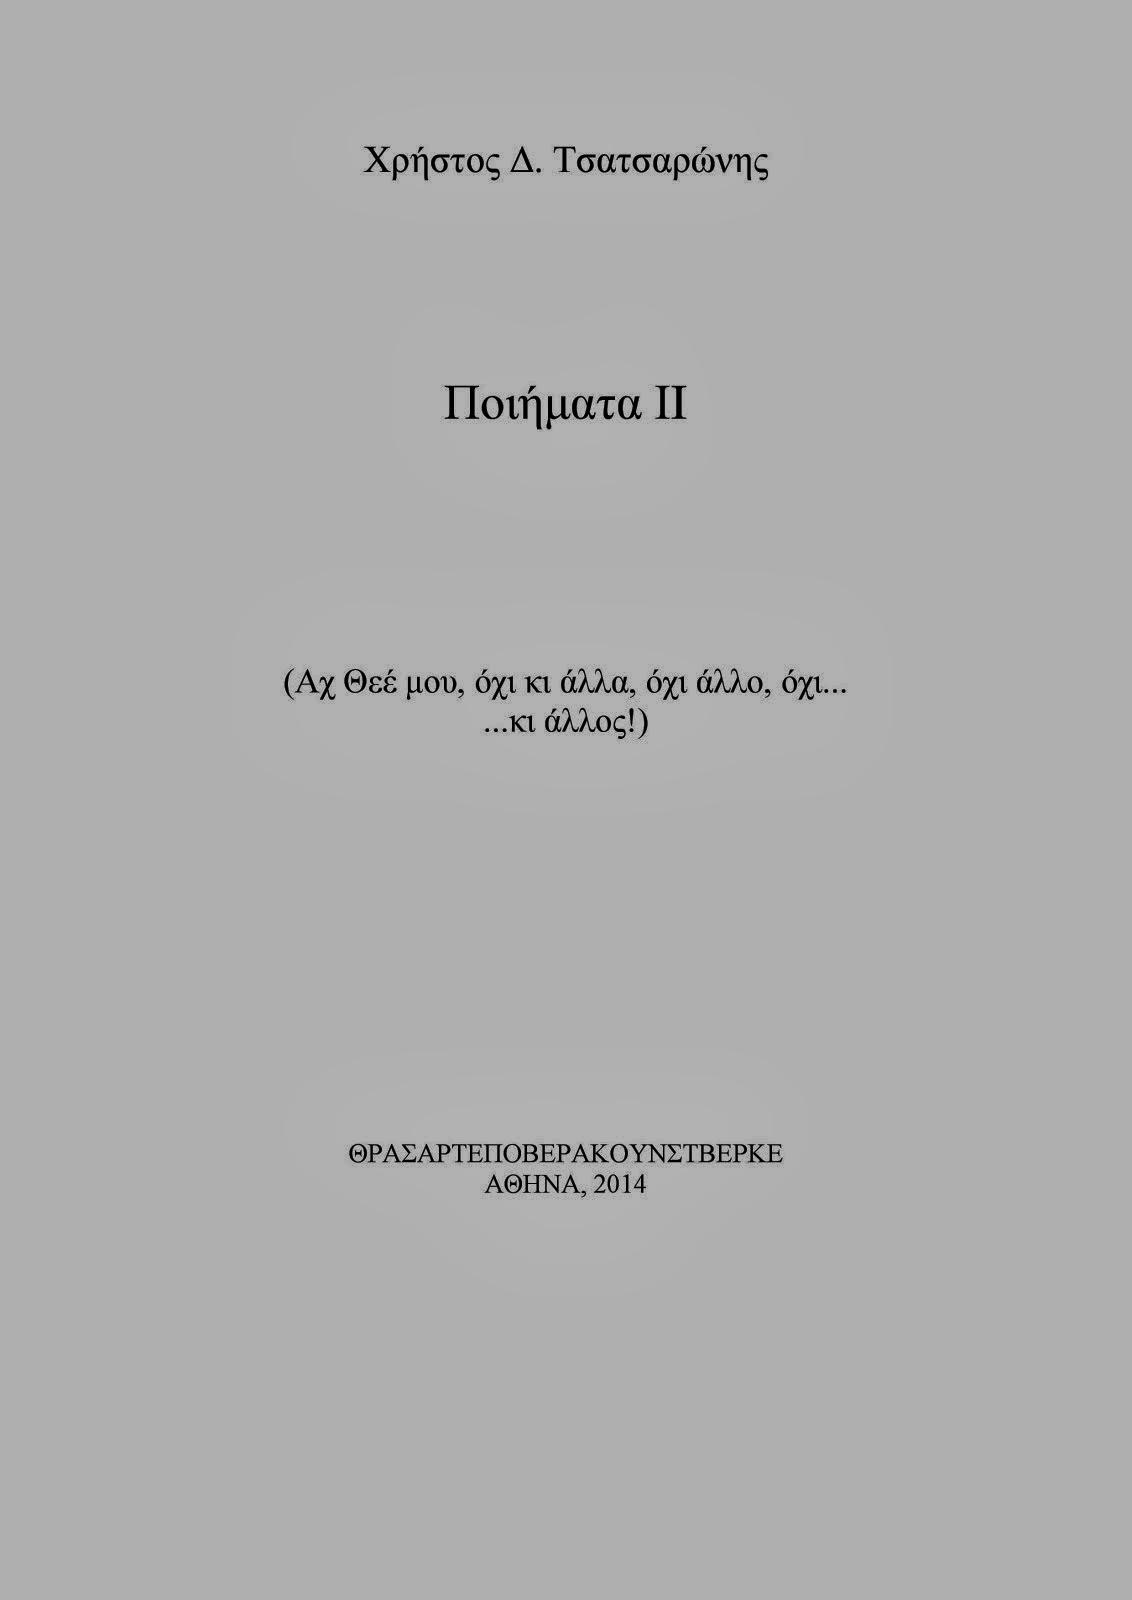 Ποιήματα ΙΙ - Χ.Δ.Τ.